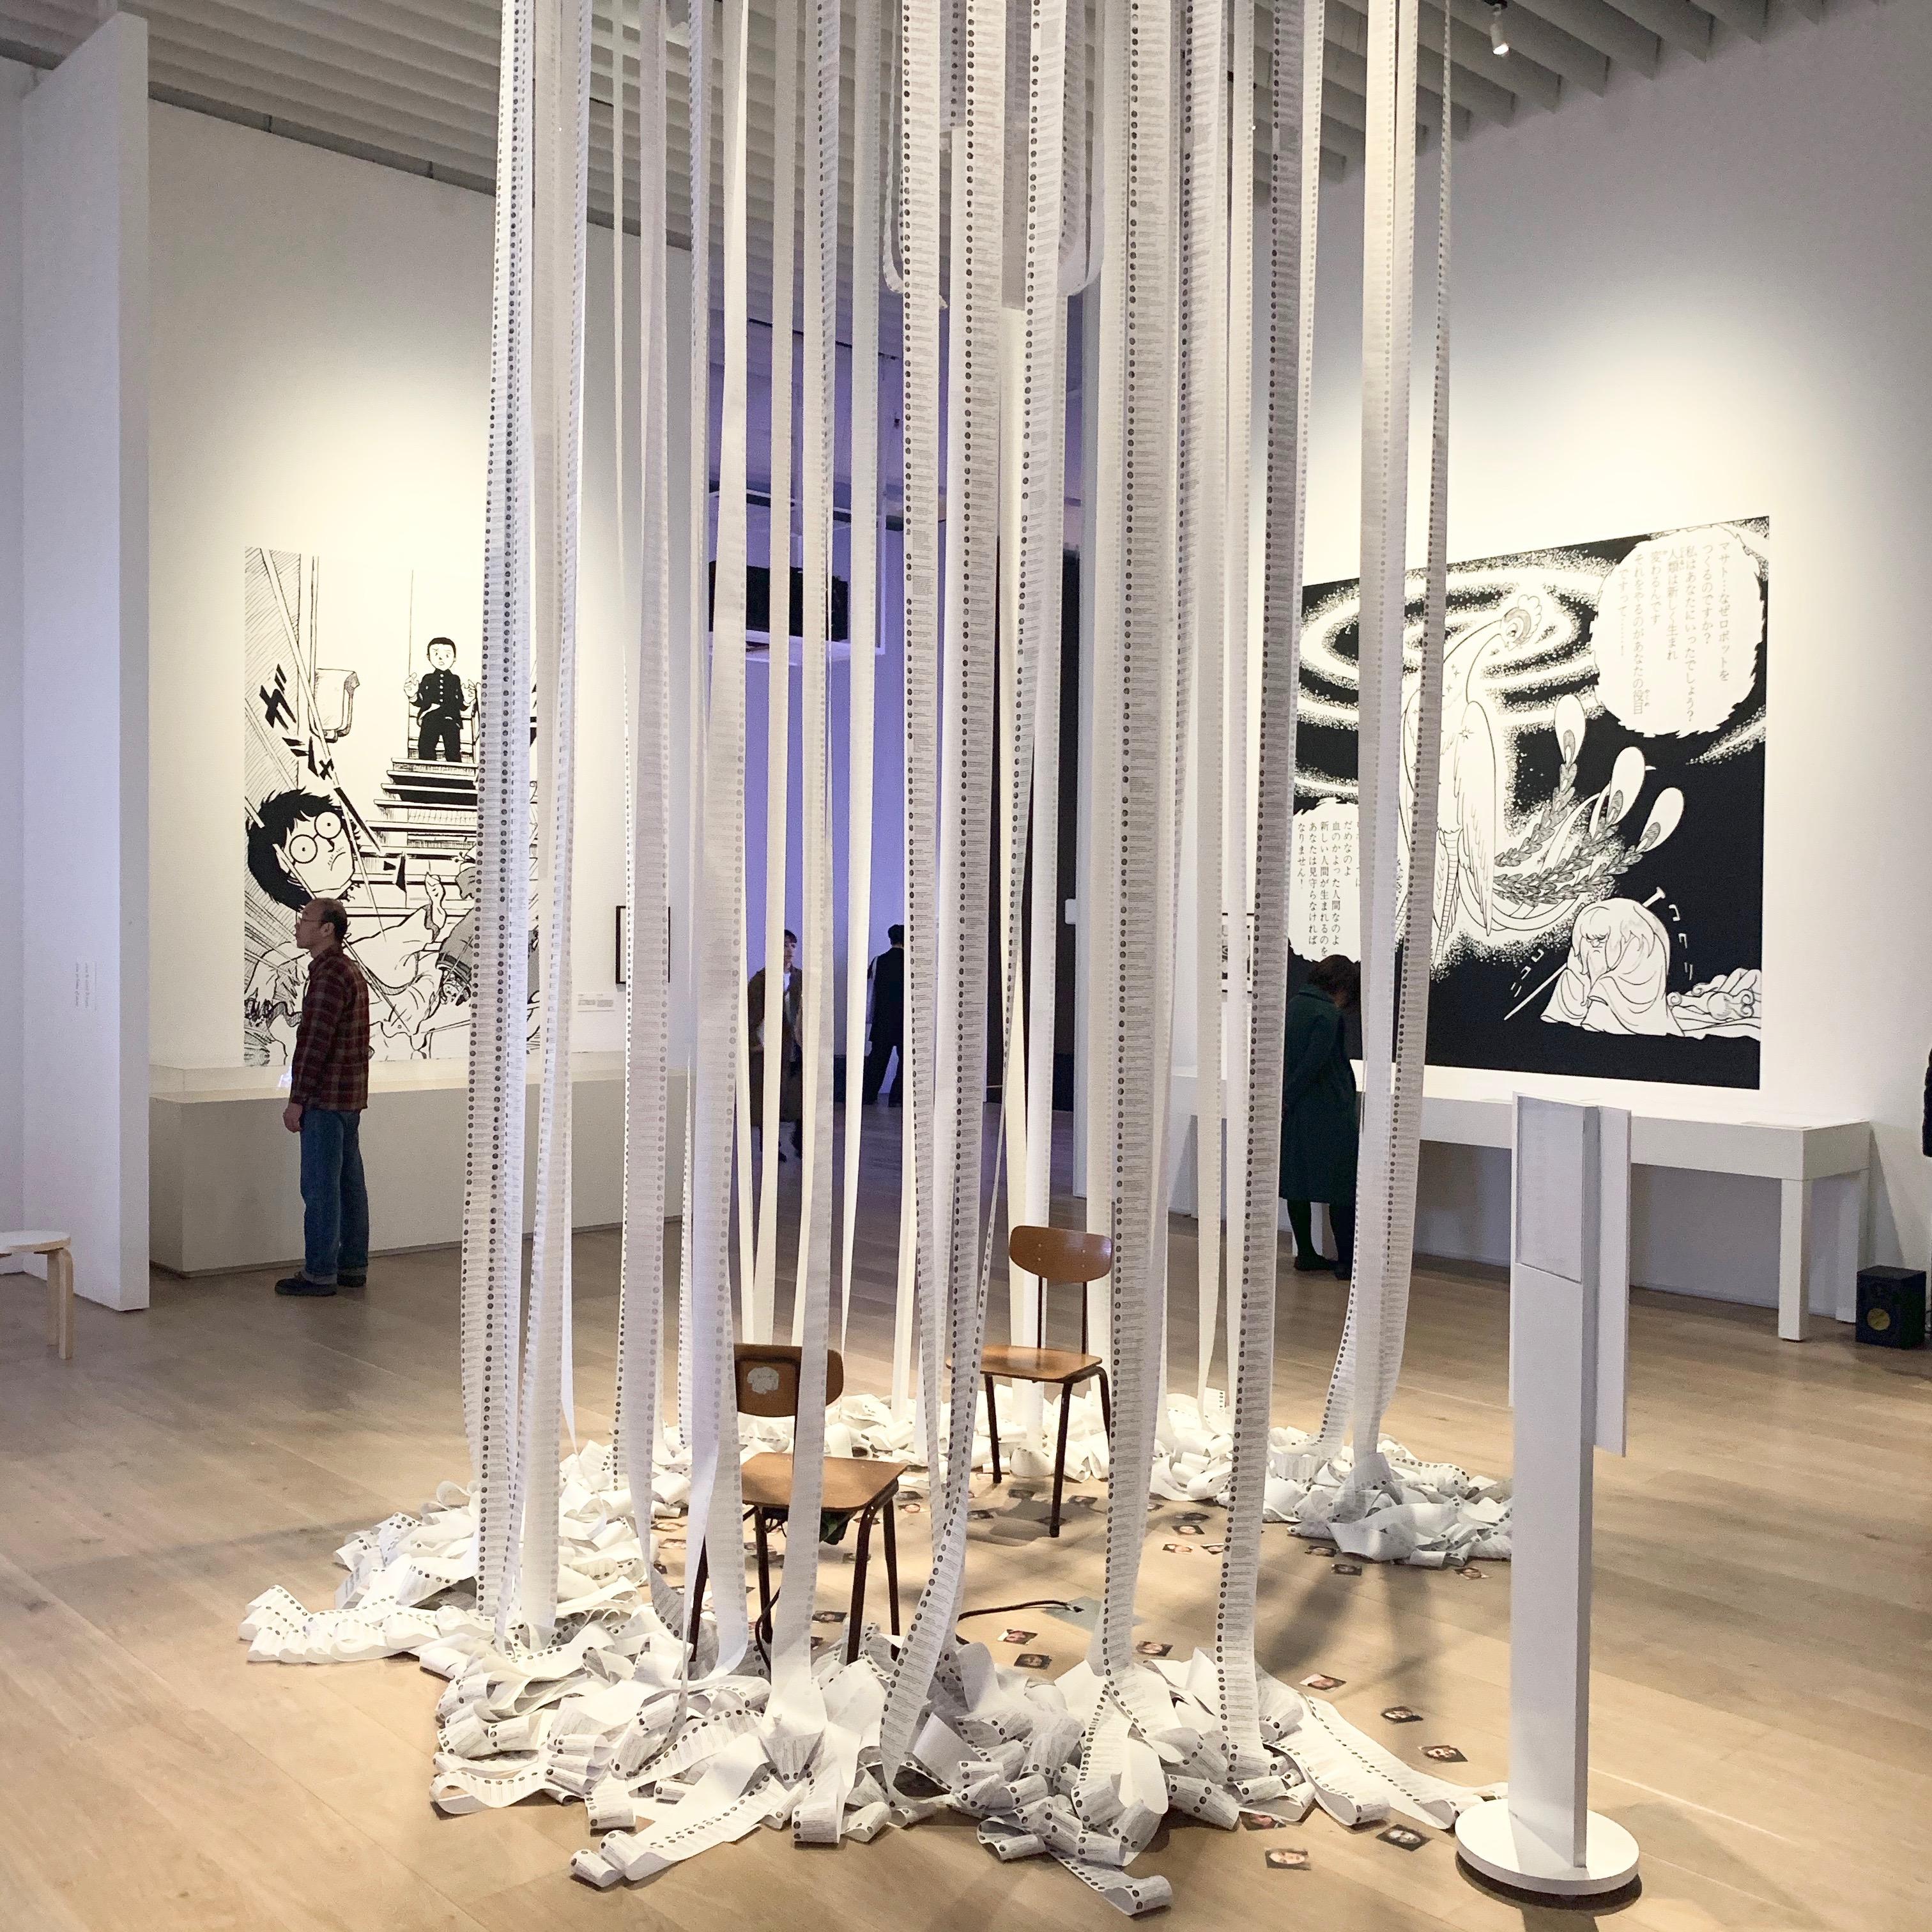 人は明日どう生きるのか。森美術館の「未来と芸術展」は美術の枠を越えてこれからを考えられる特別な空間でした♩